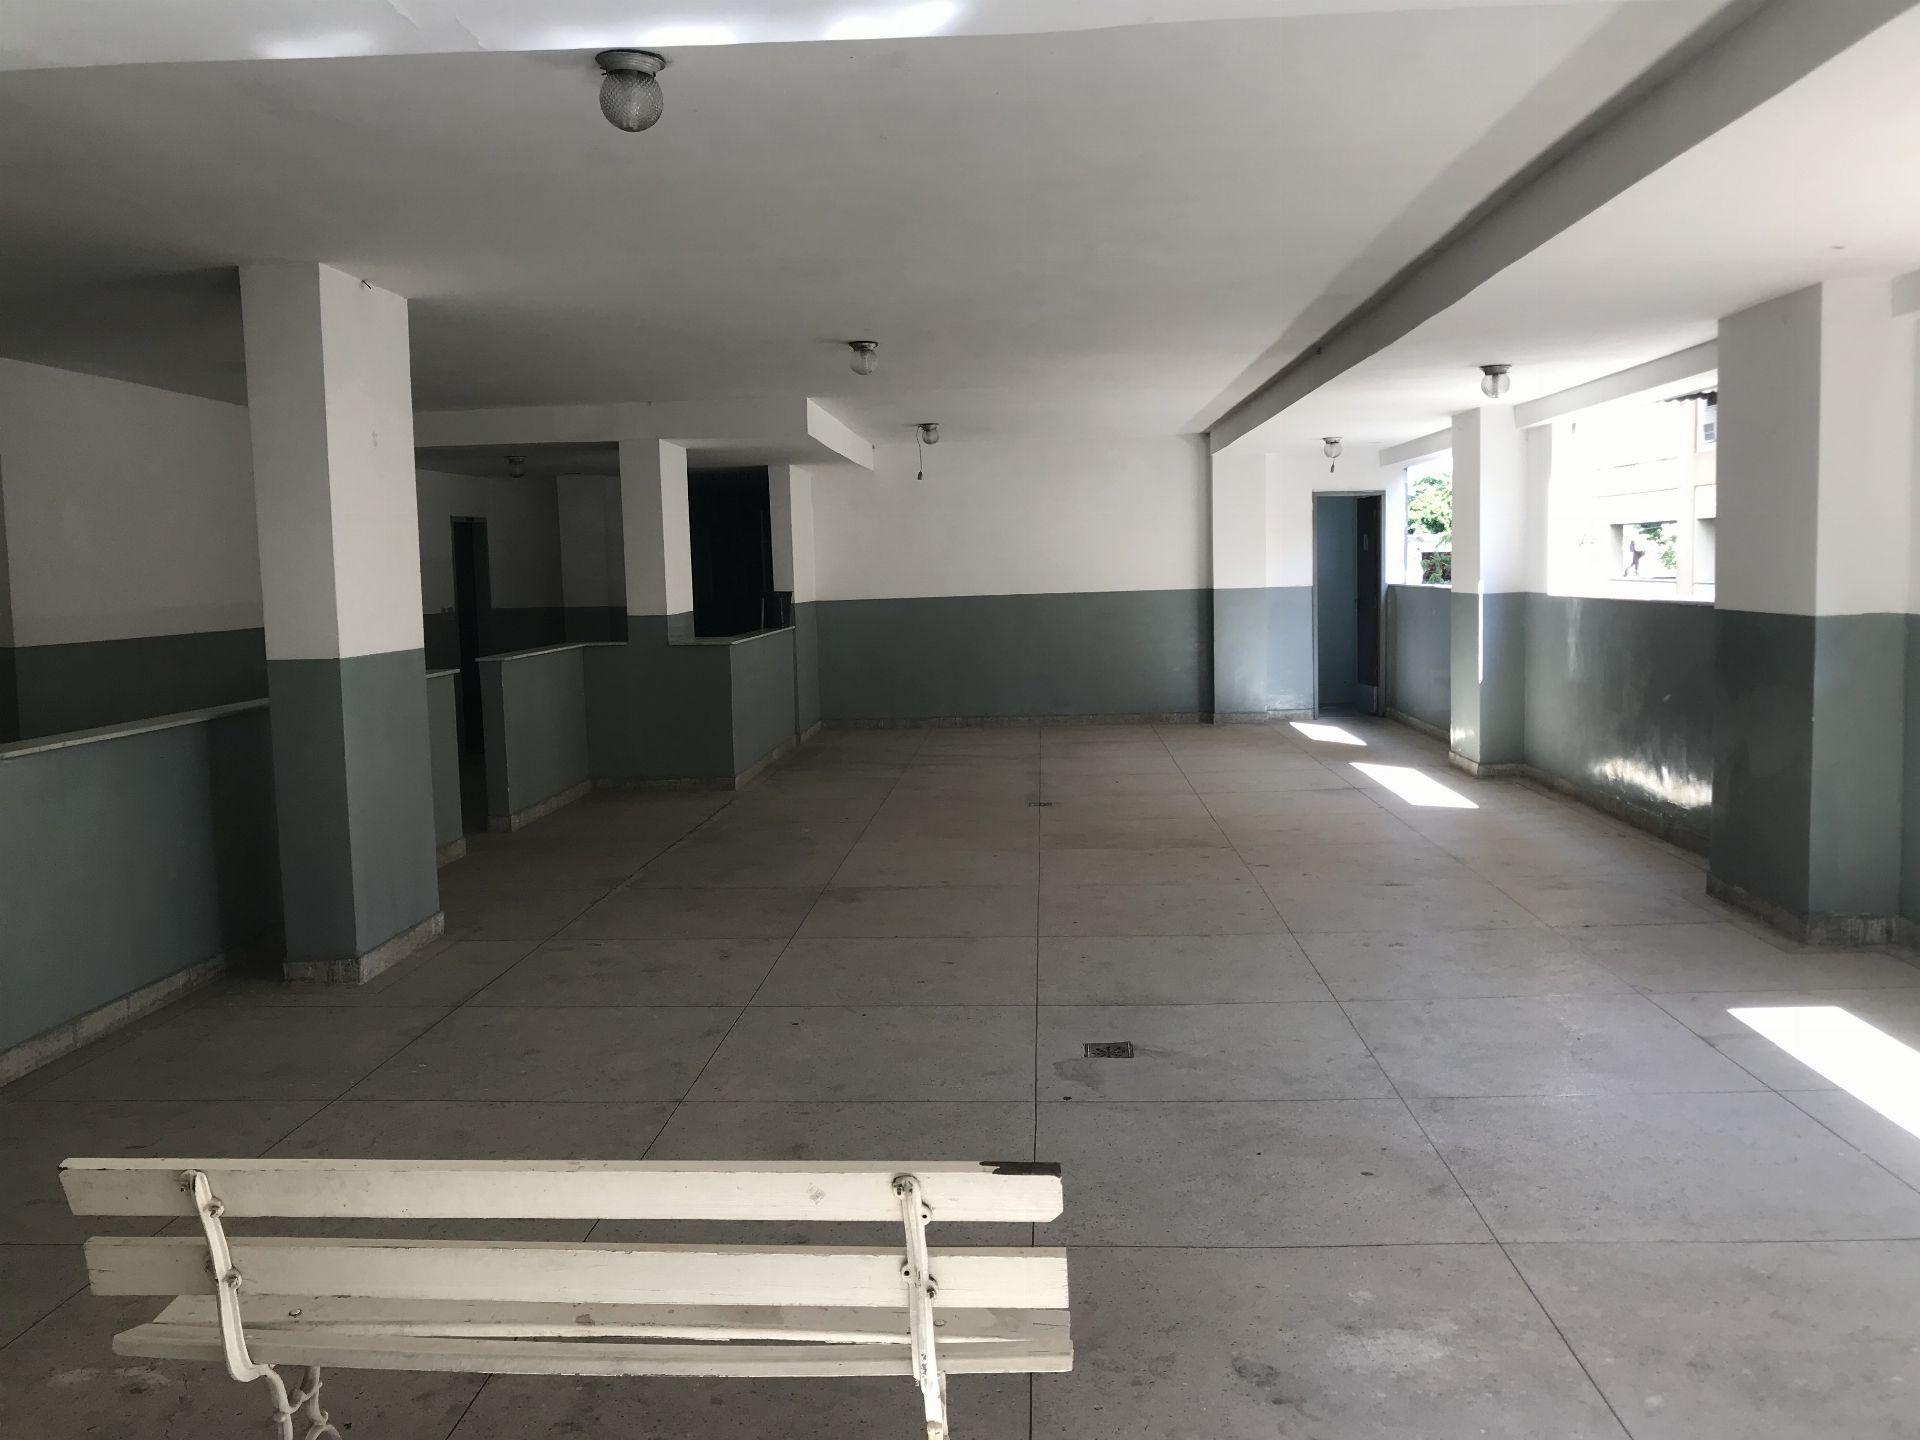 FOTO 20 - Apartamento à venda Rua Capitão Menezes,Praça Seca, Rio de Janeiro - R$ 290.000 - RF175 - 21